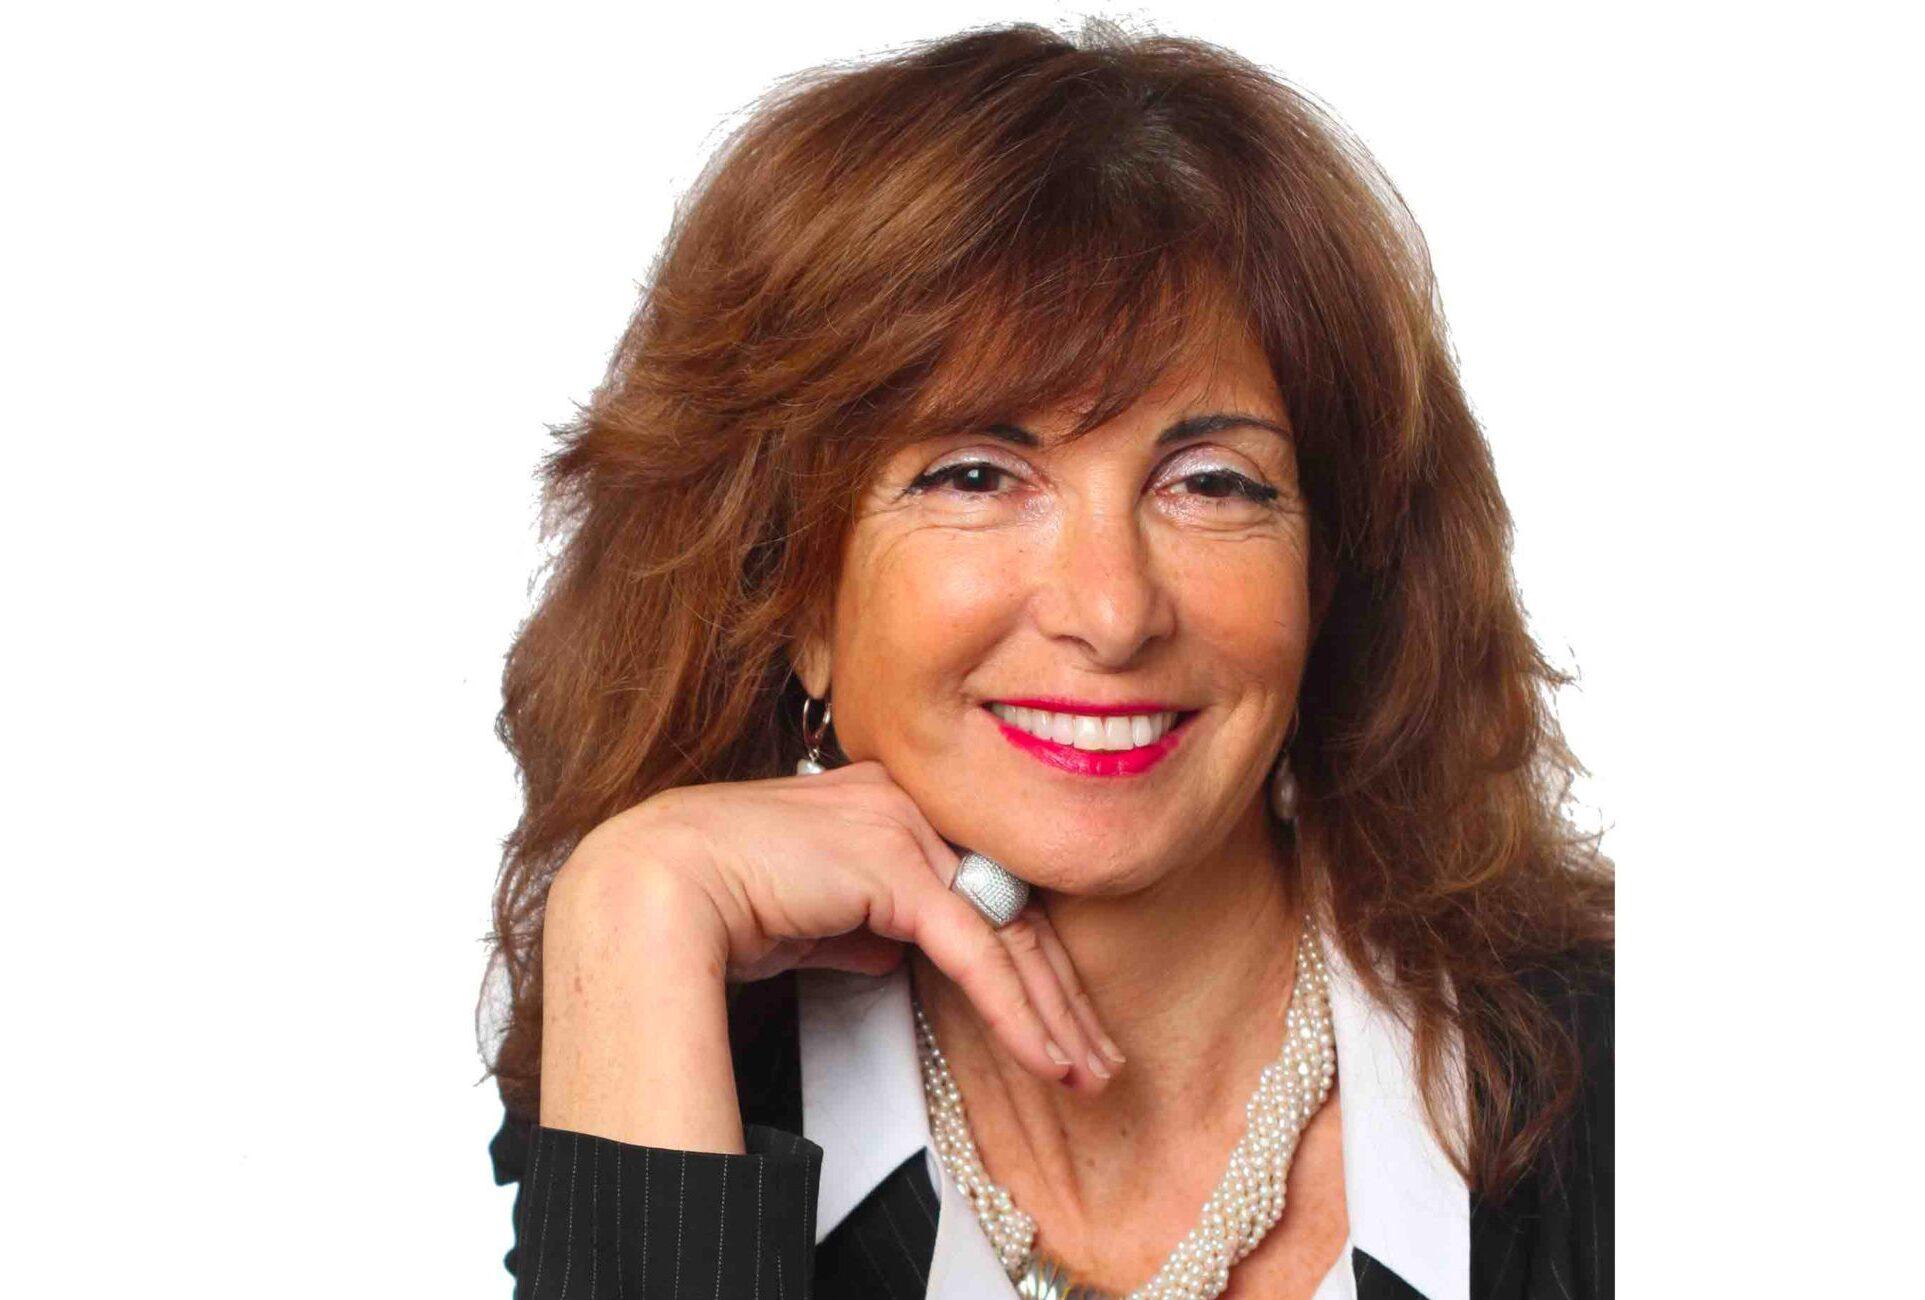 Annarita Succi (coordinatrice Federmanager Bologna-Ferrara-Ravenna): « Goal 5: empowerment e uguaglianza di genere saranno pilastri della ripresa»